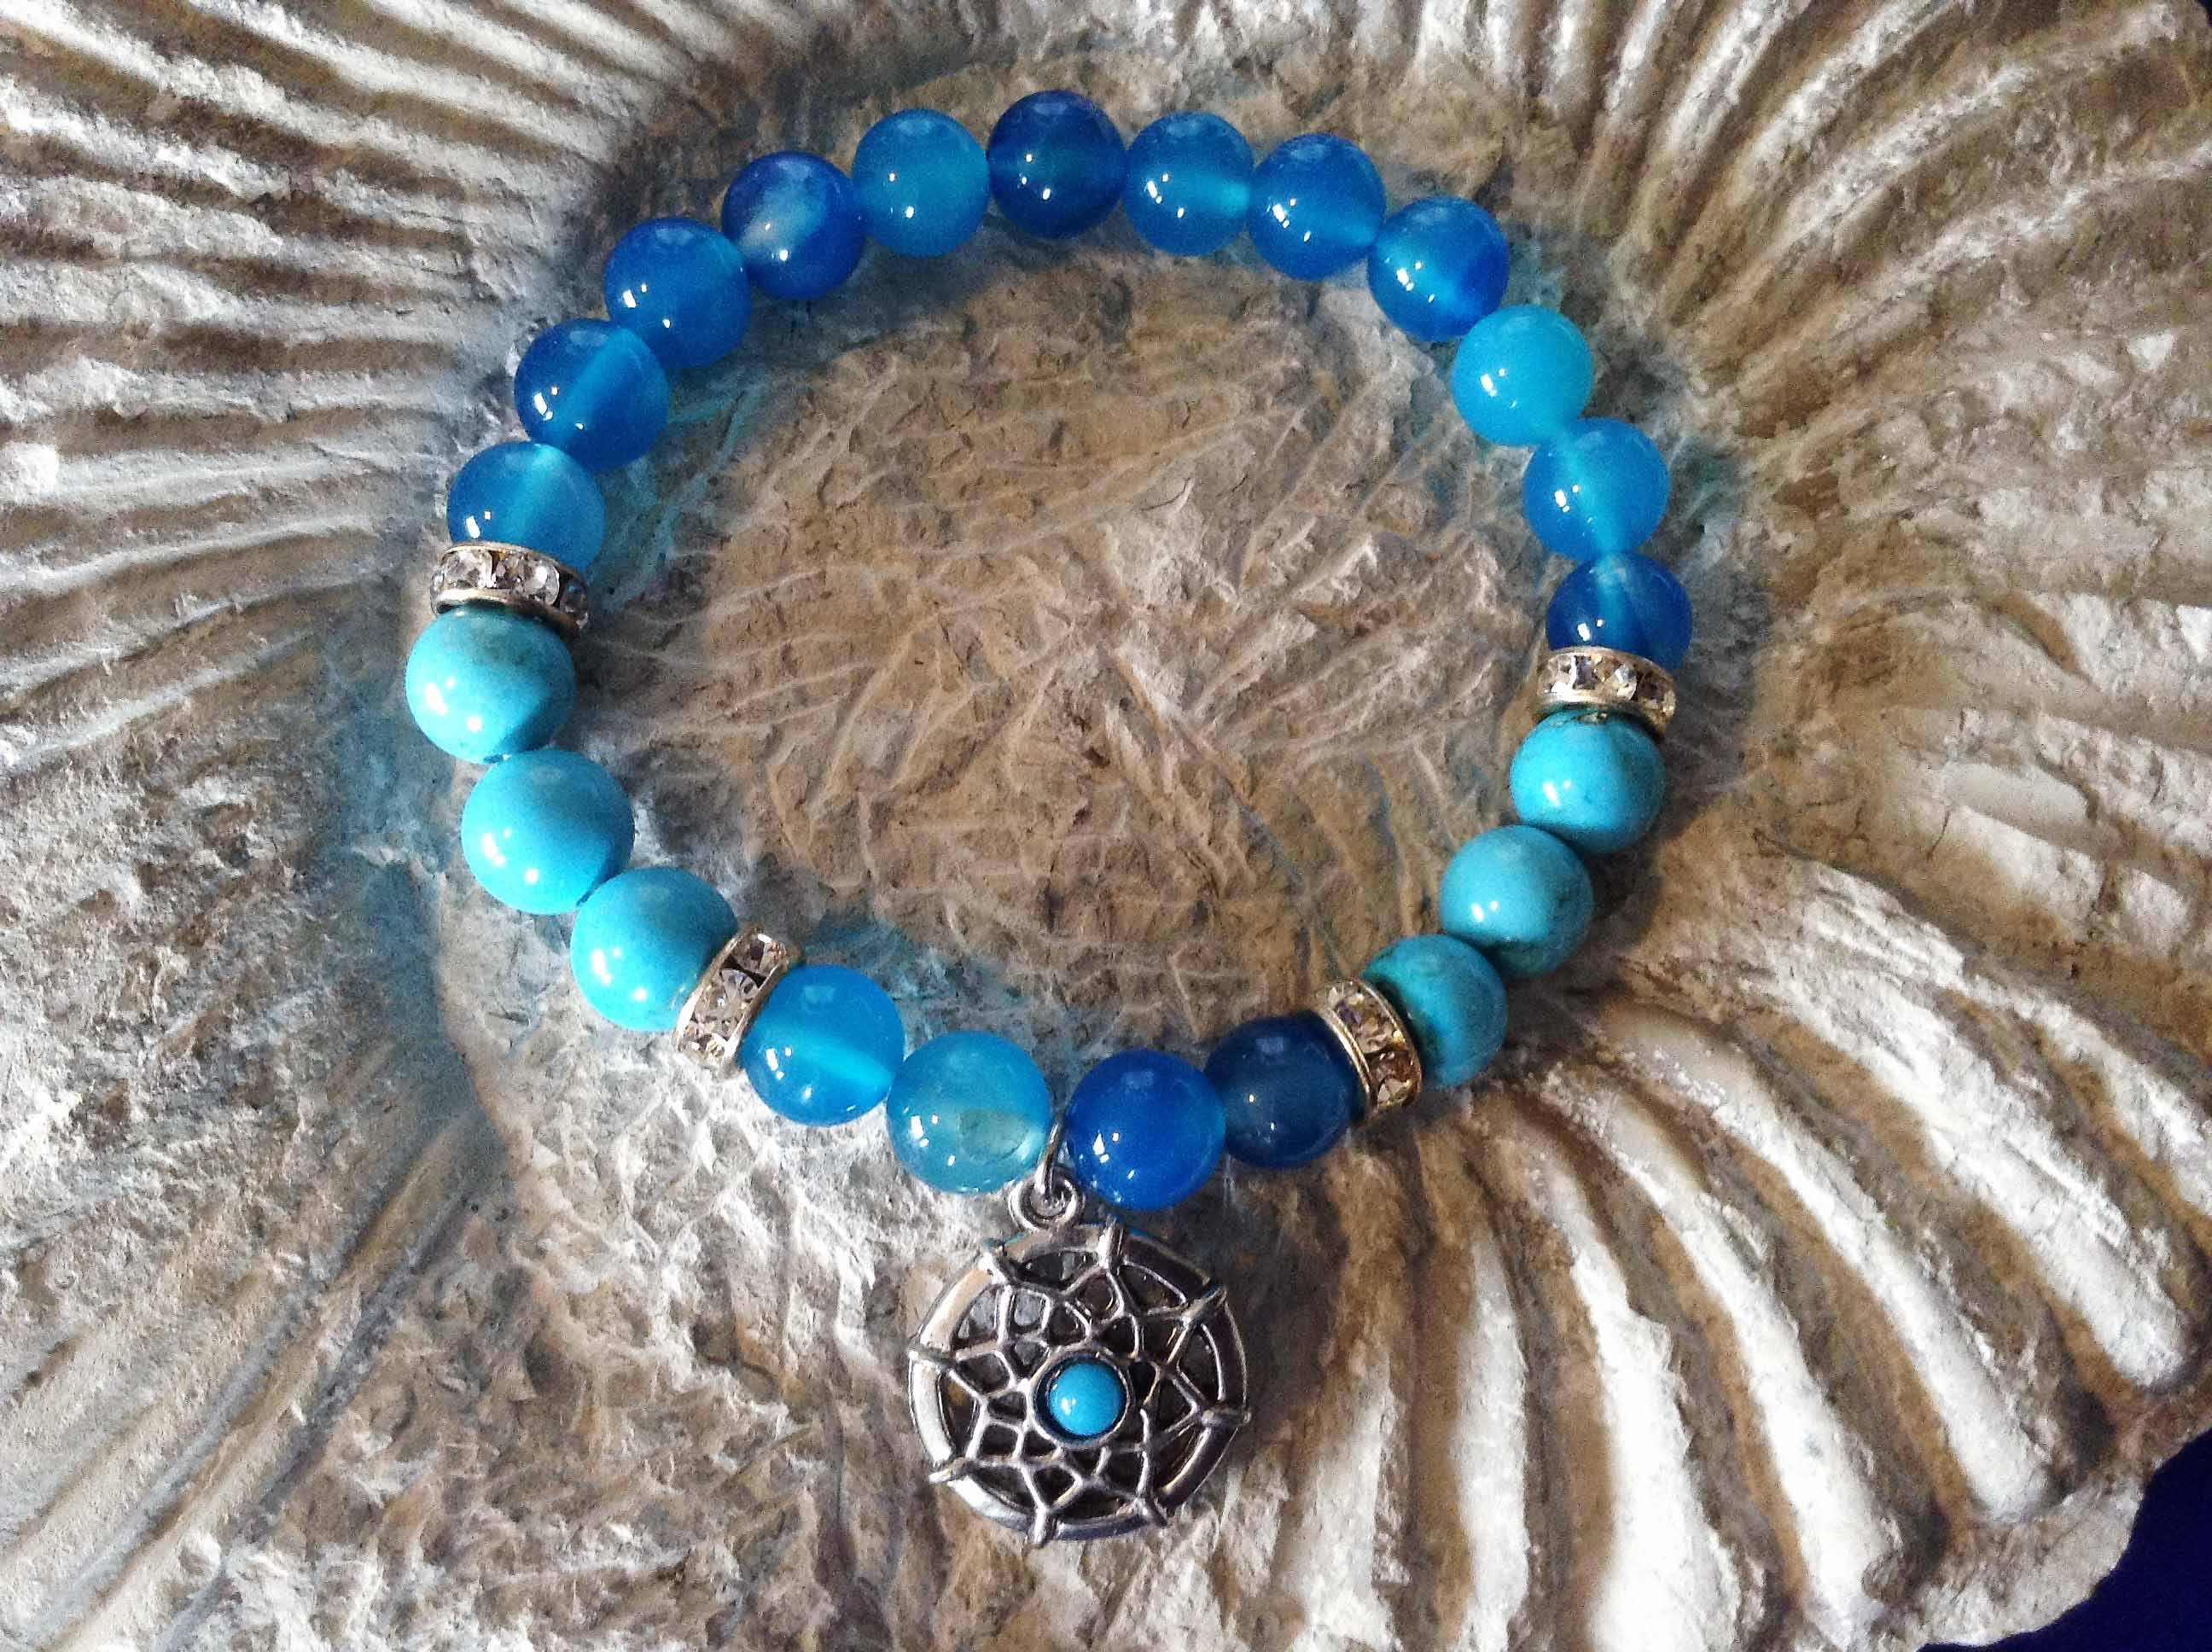 Blue onyx and turquoise bracelet